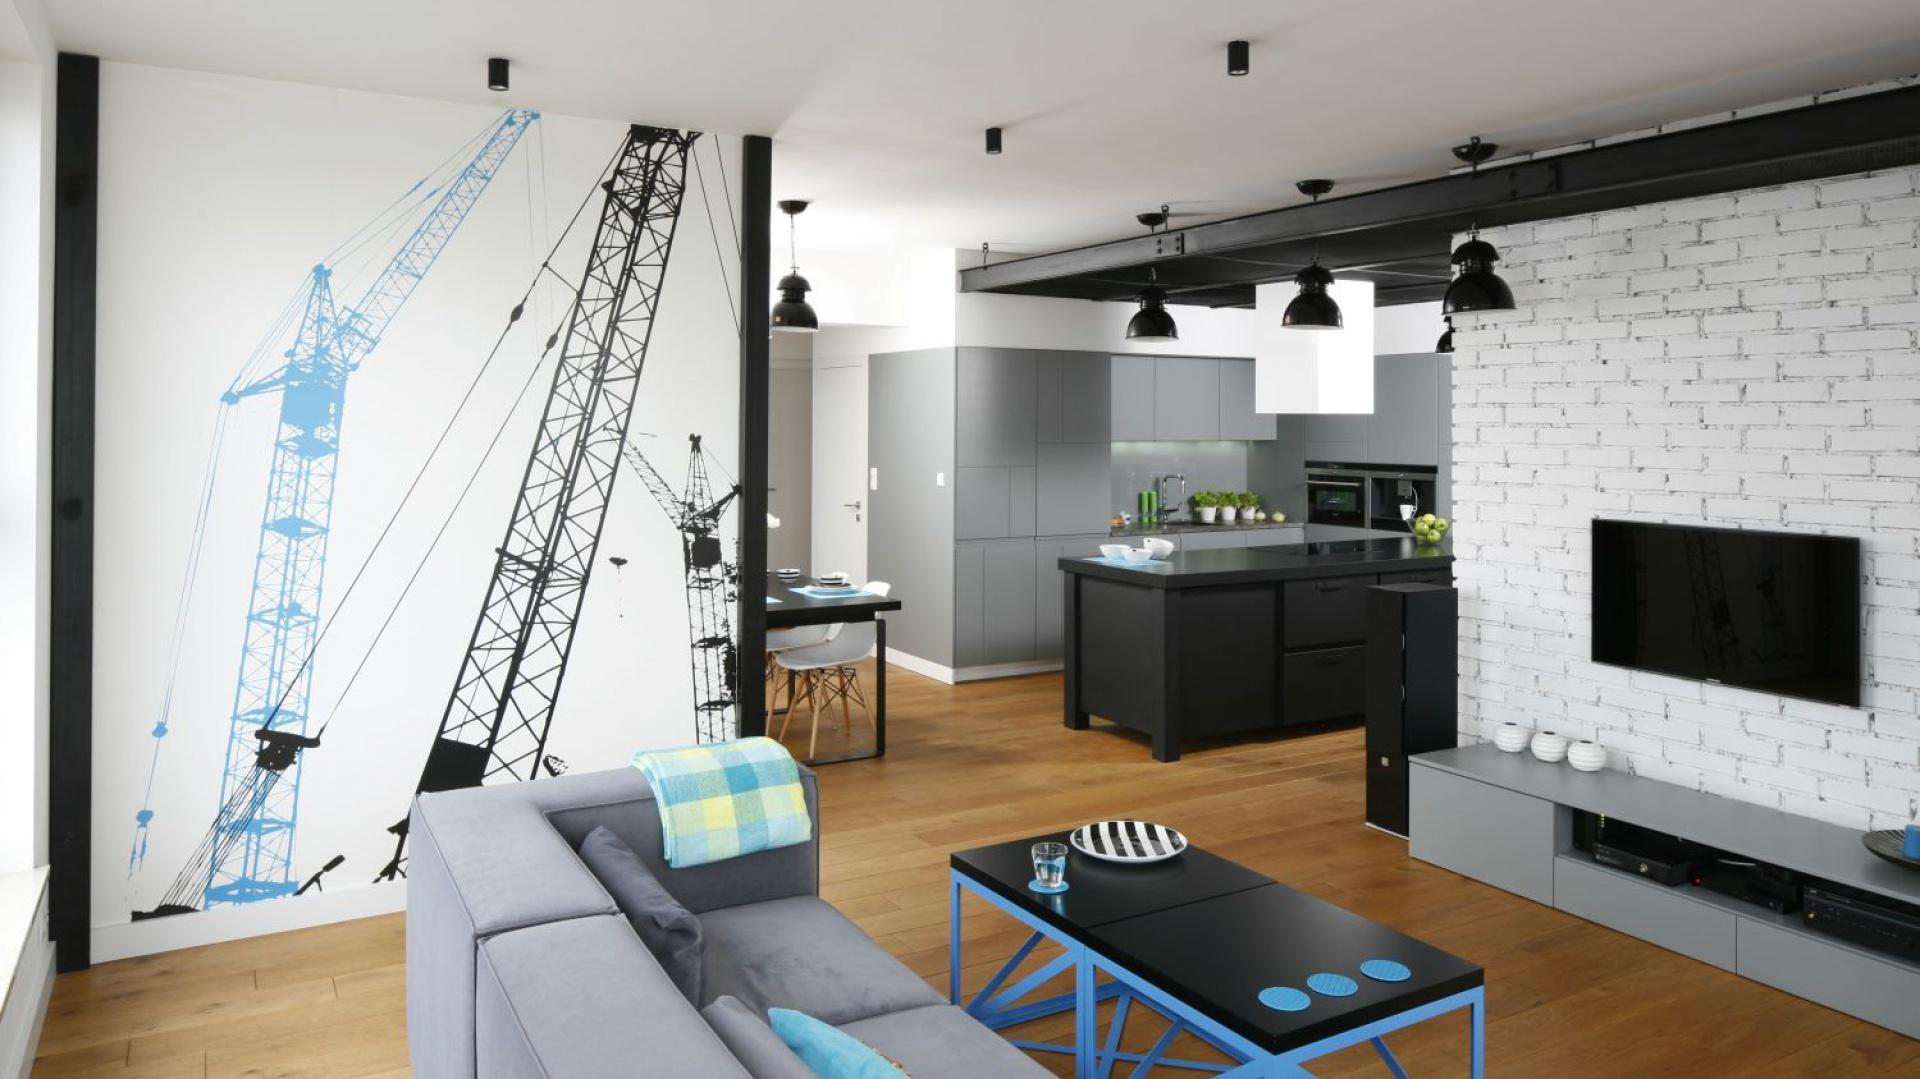 Otwarta strefę dzienną urządzono w stylu loft. Telewizor zawisł na ceglanej ścianie. Projekt: Monika i Adam Bronikowscy. Fot. Bartosz Jarosz.